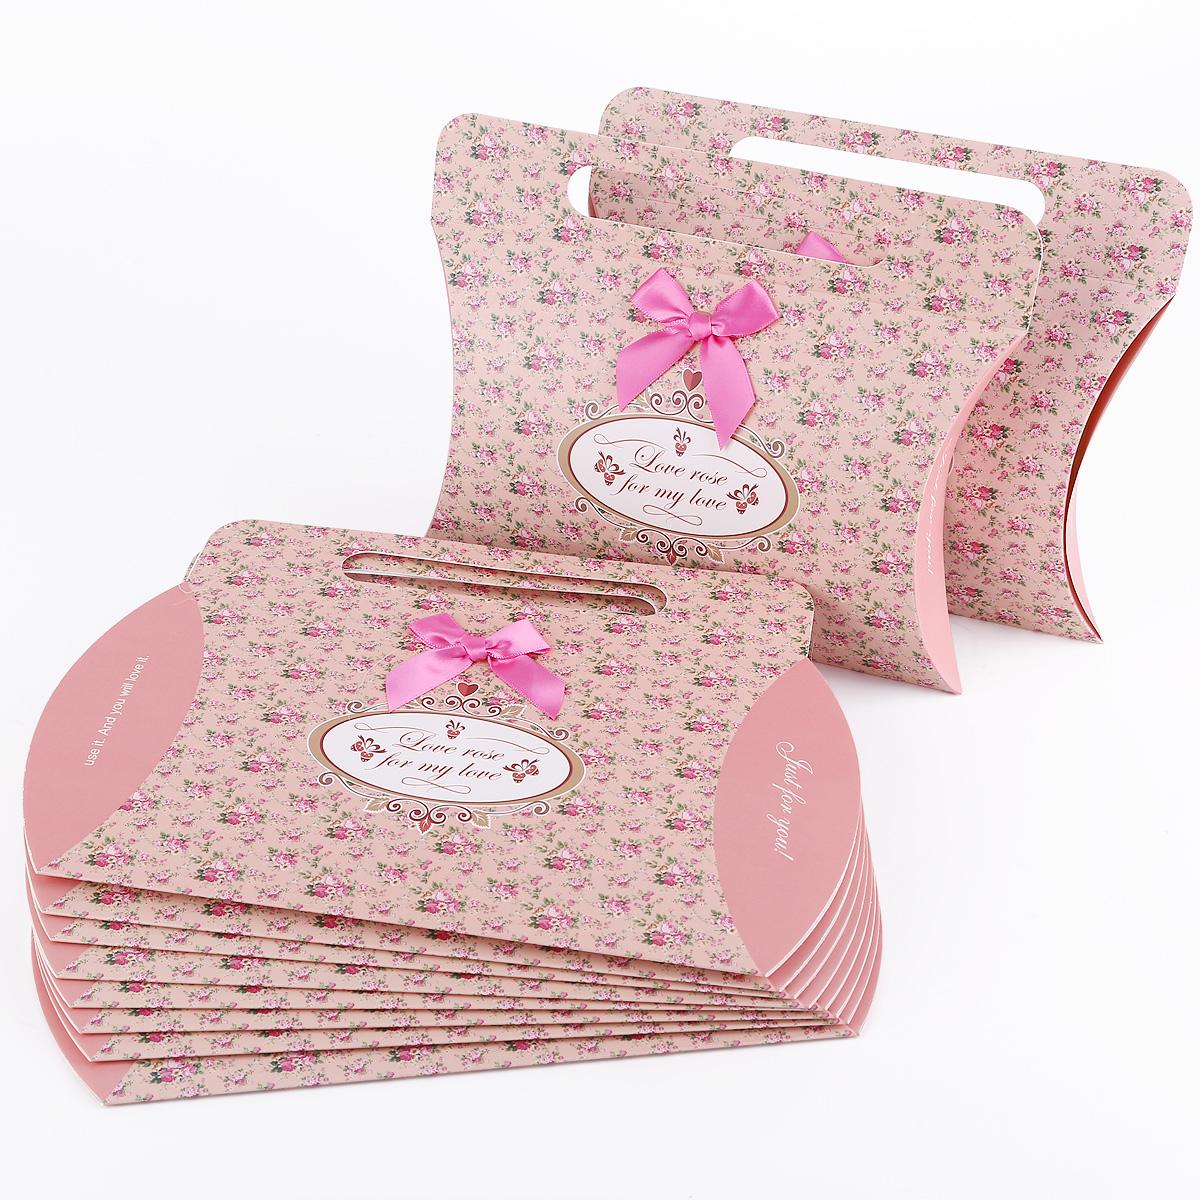 Wedding Gift Wrap Bags : ... Bag Flora Print Candy Box W/ Bow Craft Card Wedding Gift Wrap eBay